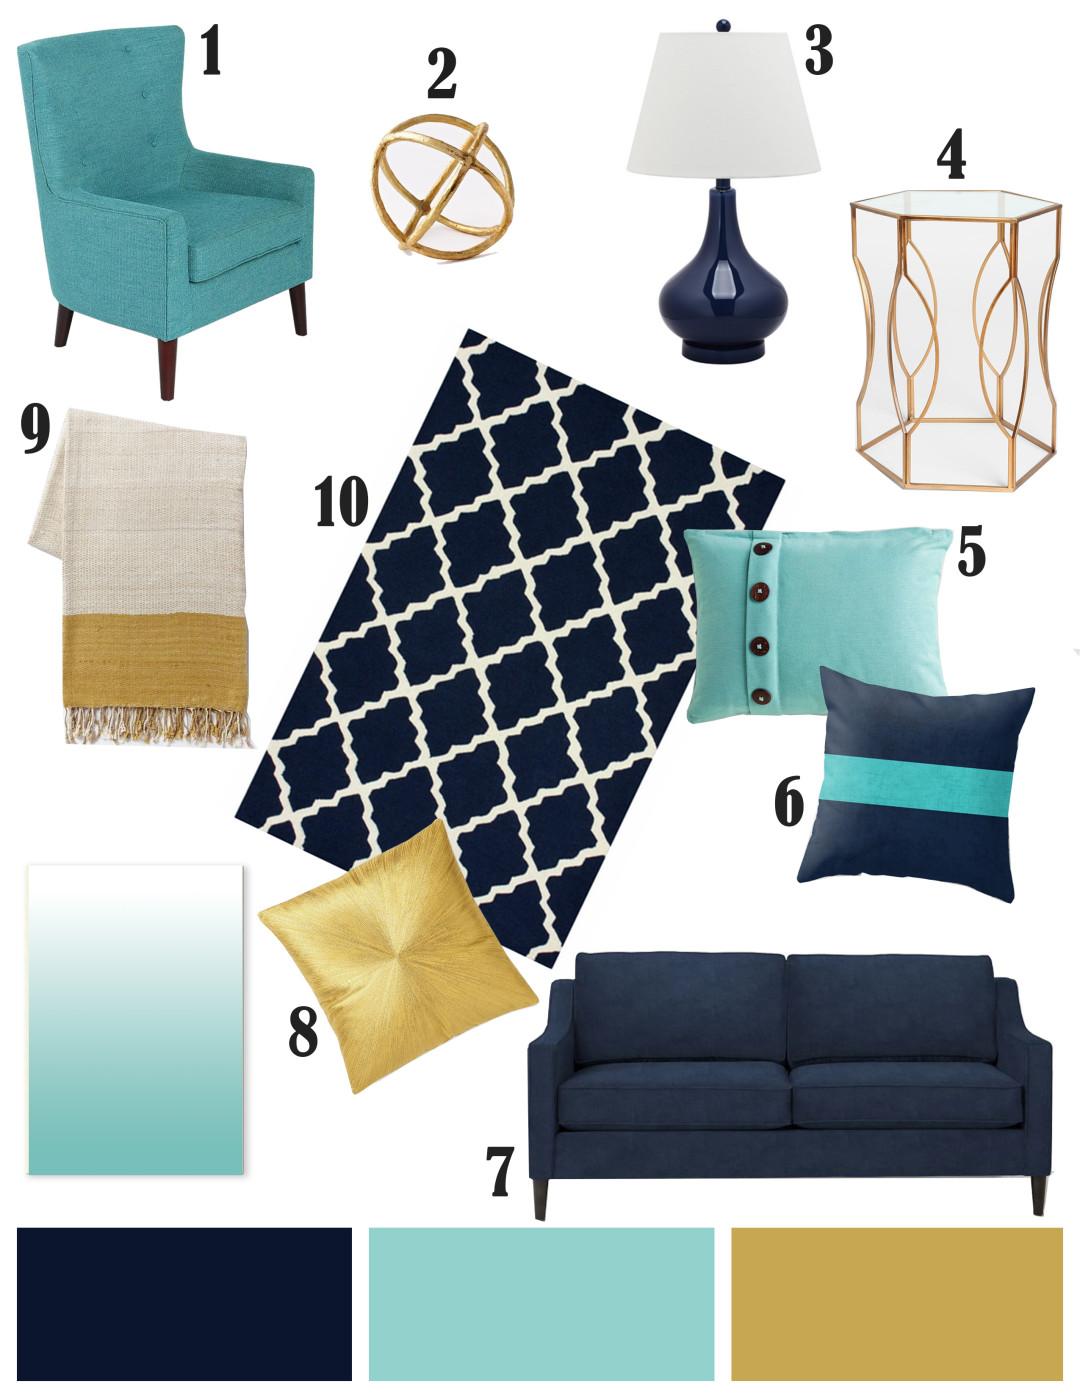 Como organizar y decorar la sala de estar